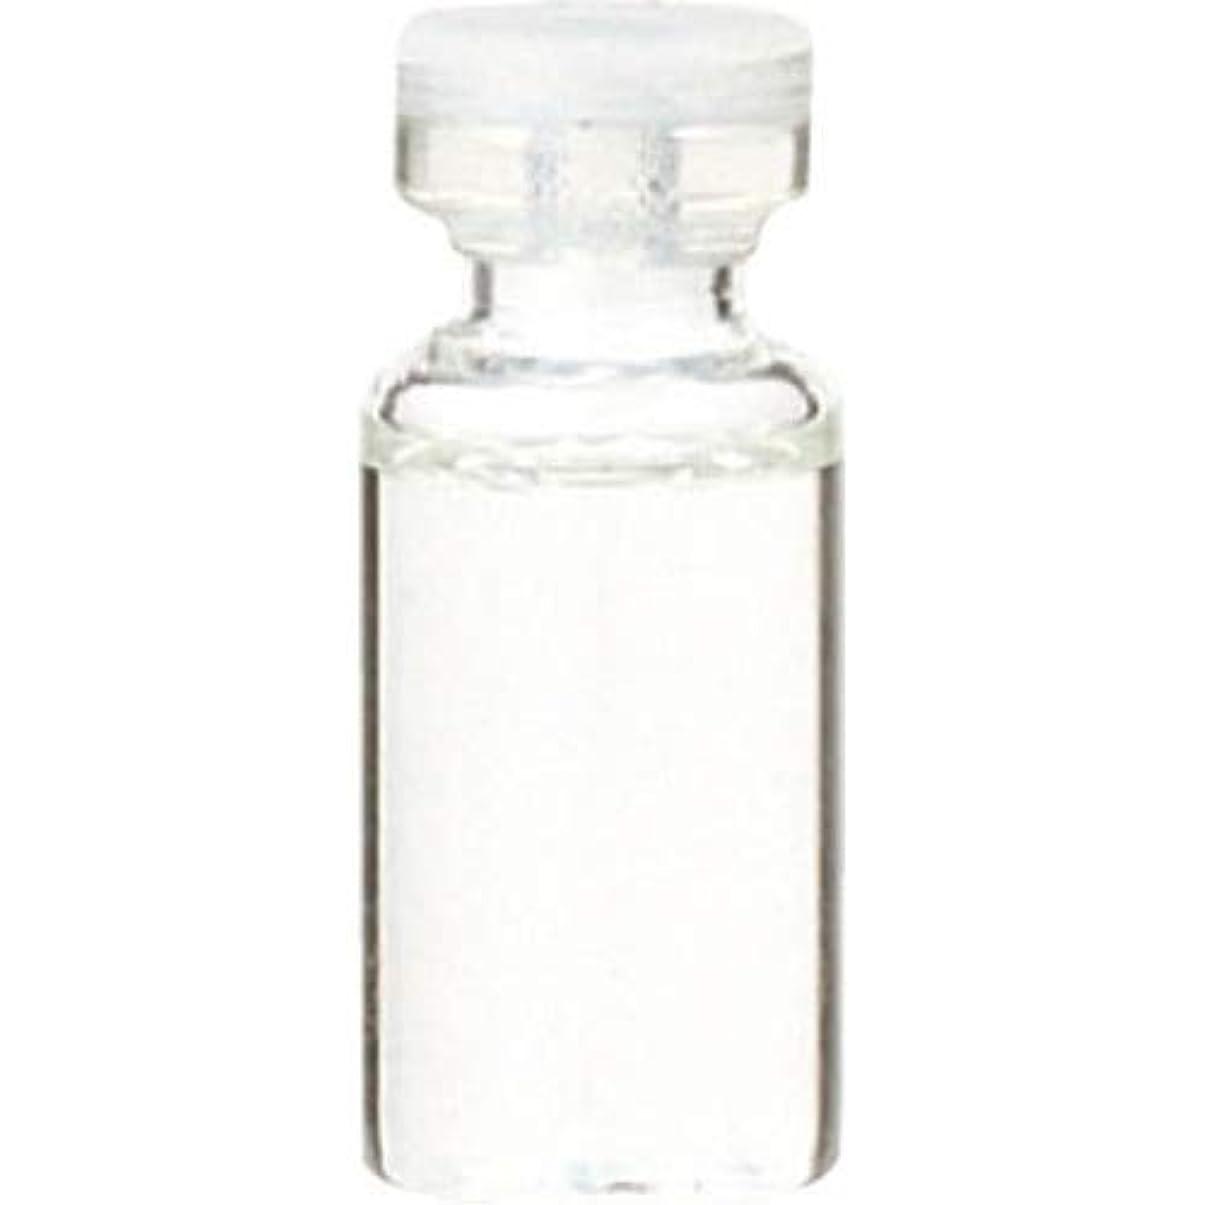 落ち着いてヒープ活発エッセンシャルオイル ティートゥリー(3mL) 癒し用品 アロマオイル?精油 エッセンシャルオイル [並行輸入品] k1-4954753032763-ak